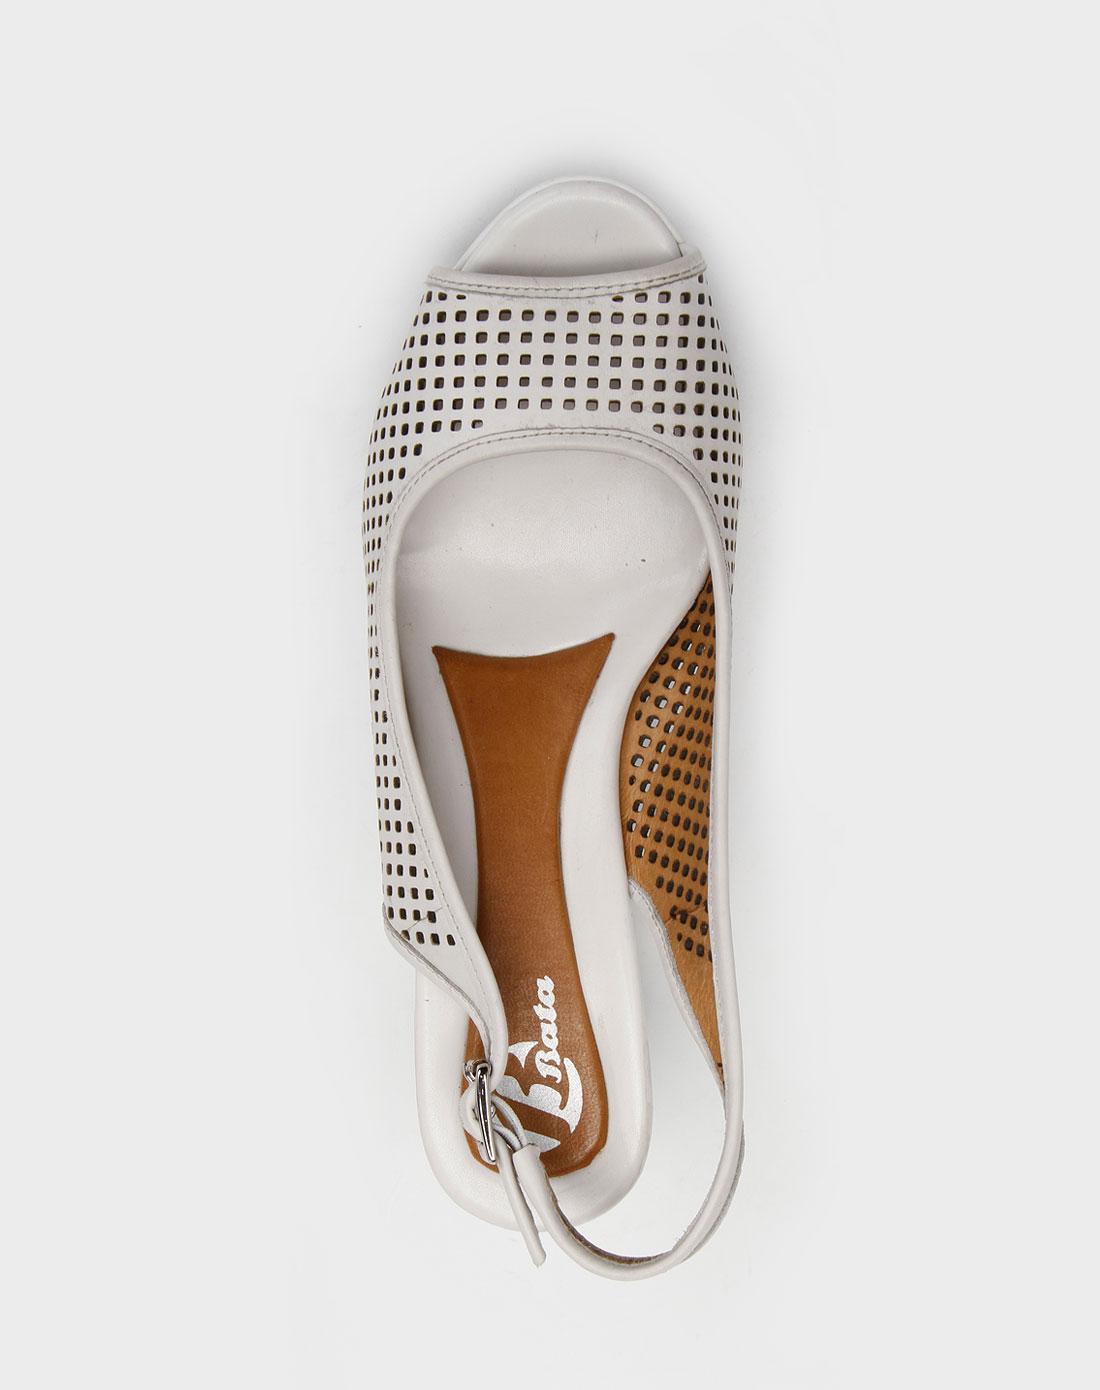 拨佳bata白色镂空方格高跟凉鞋